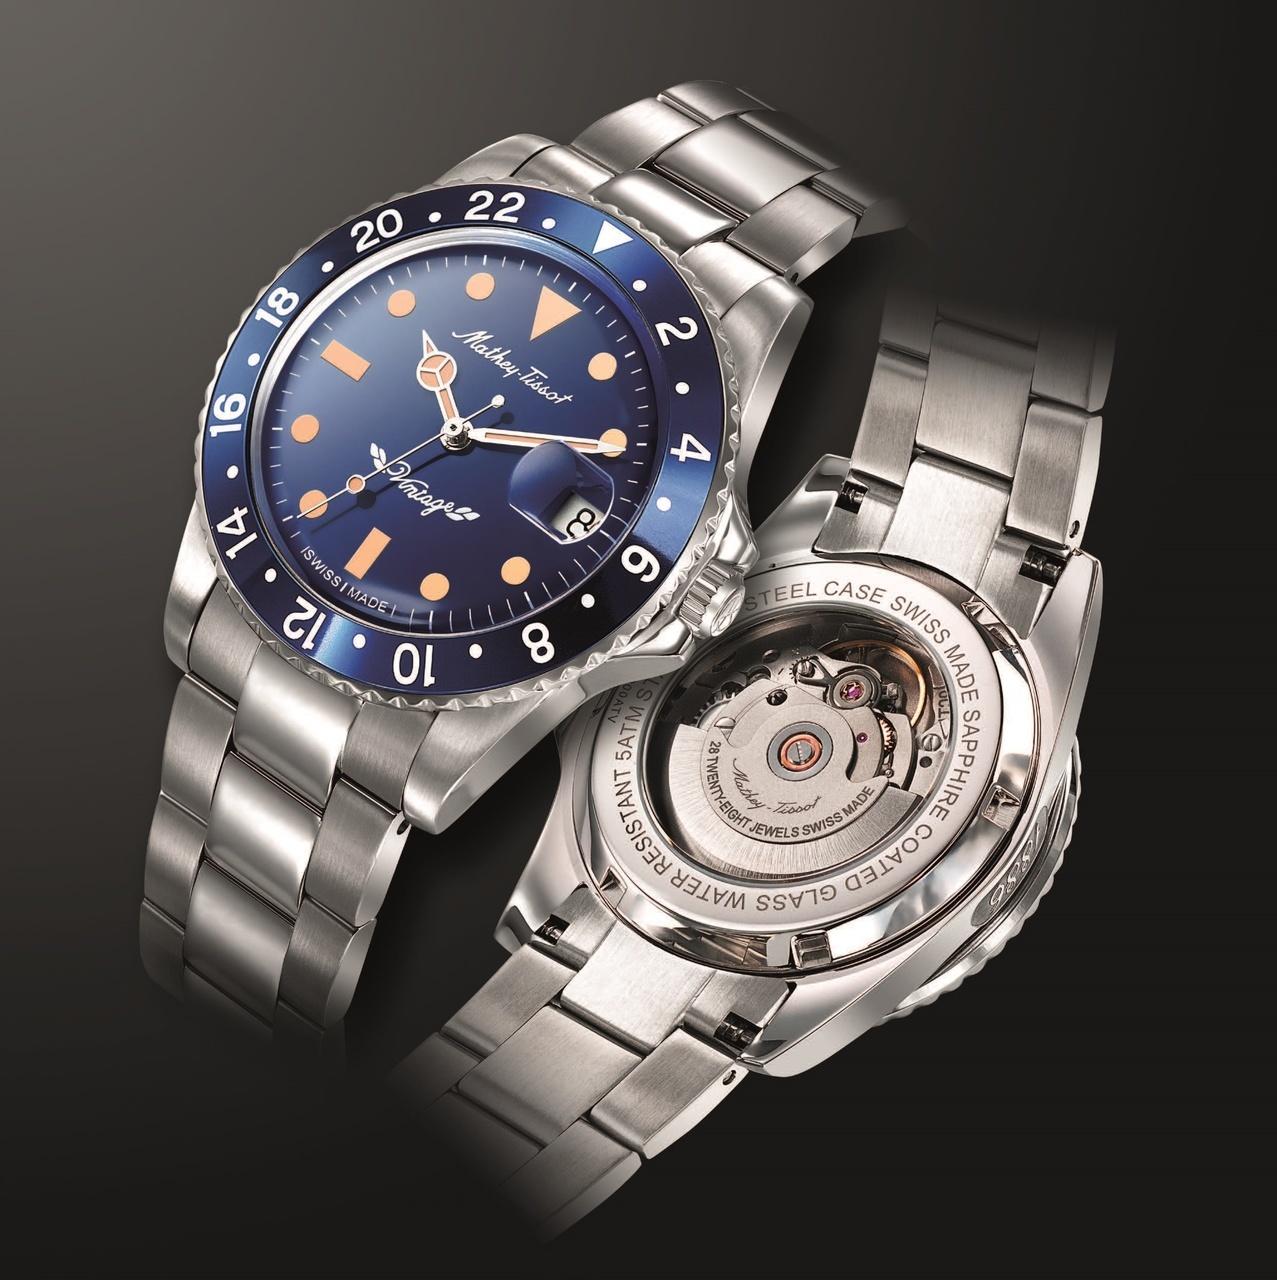 Sélection de montres MatheyTissot en promotion - Ex: Montre Mathey-Tissot Rolly Vintage Automatique (Frais de port et de douane inclus)